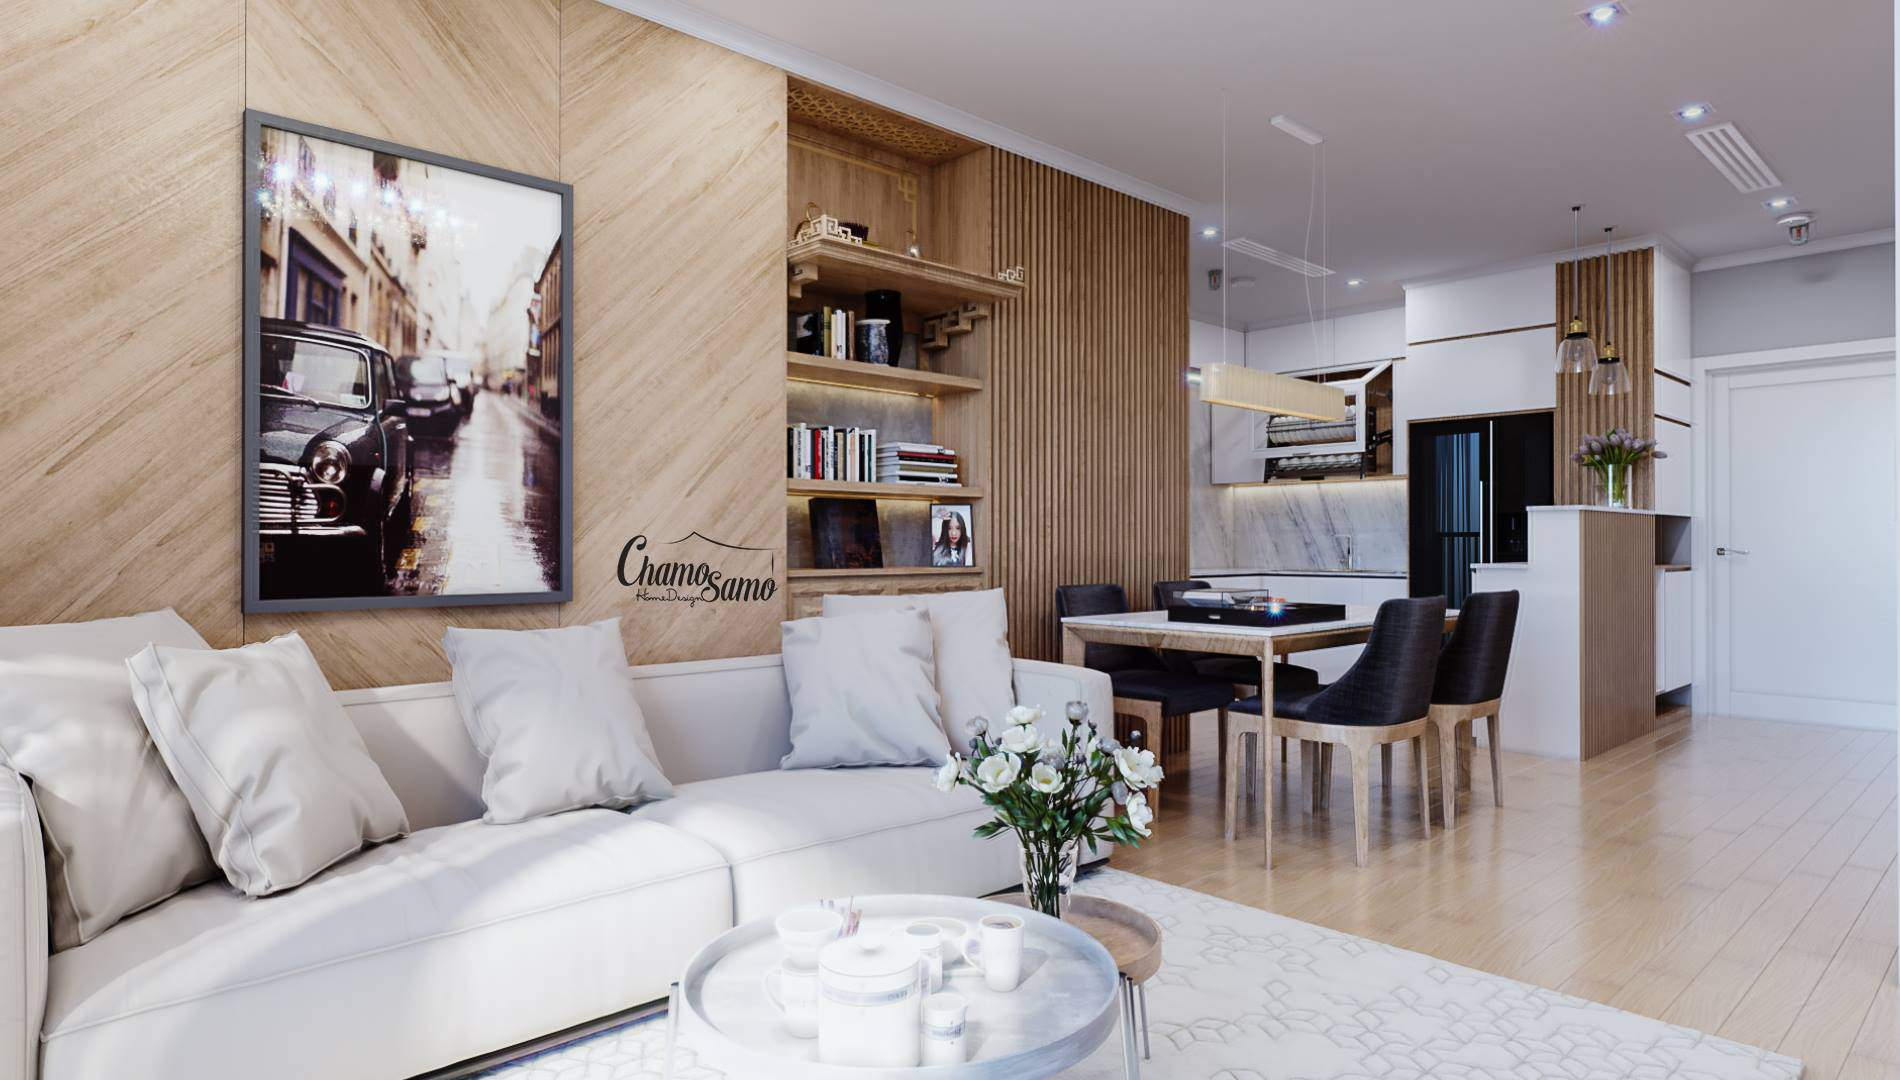 Trang trí phòng khách đơn giản với gam màu hài hòa